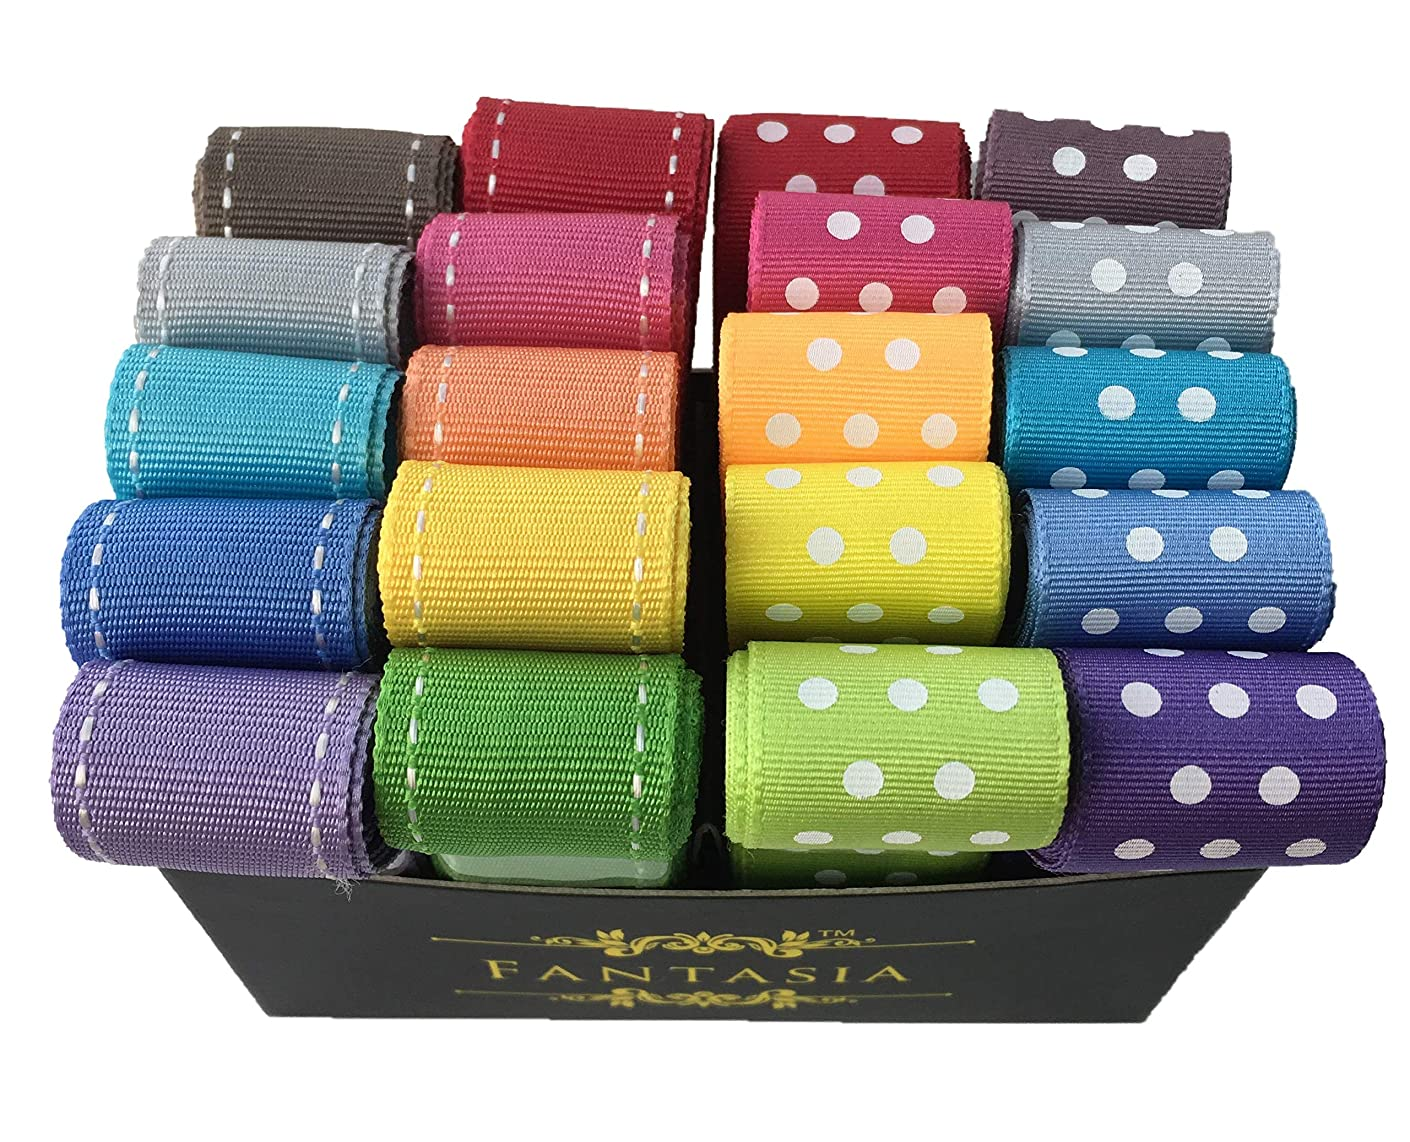 Fantasia Ribbon Box Set: 2 Meters (6.5 feet) x 20 PCS - Total 40 Meters - (1